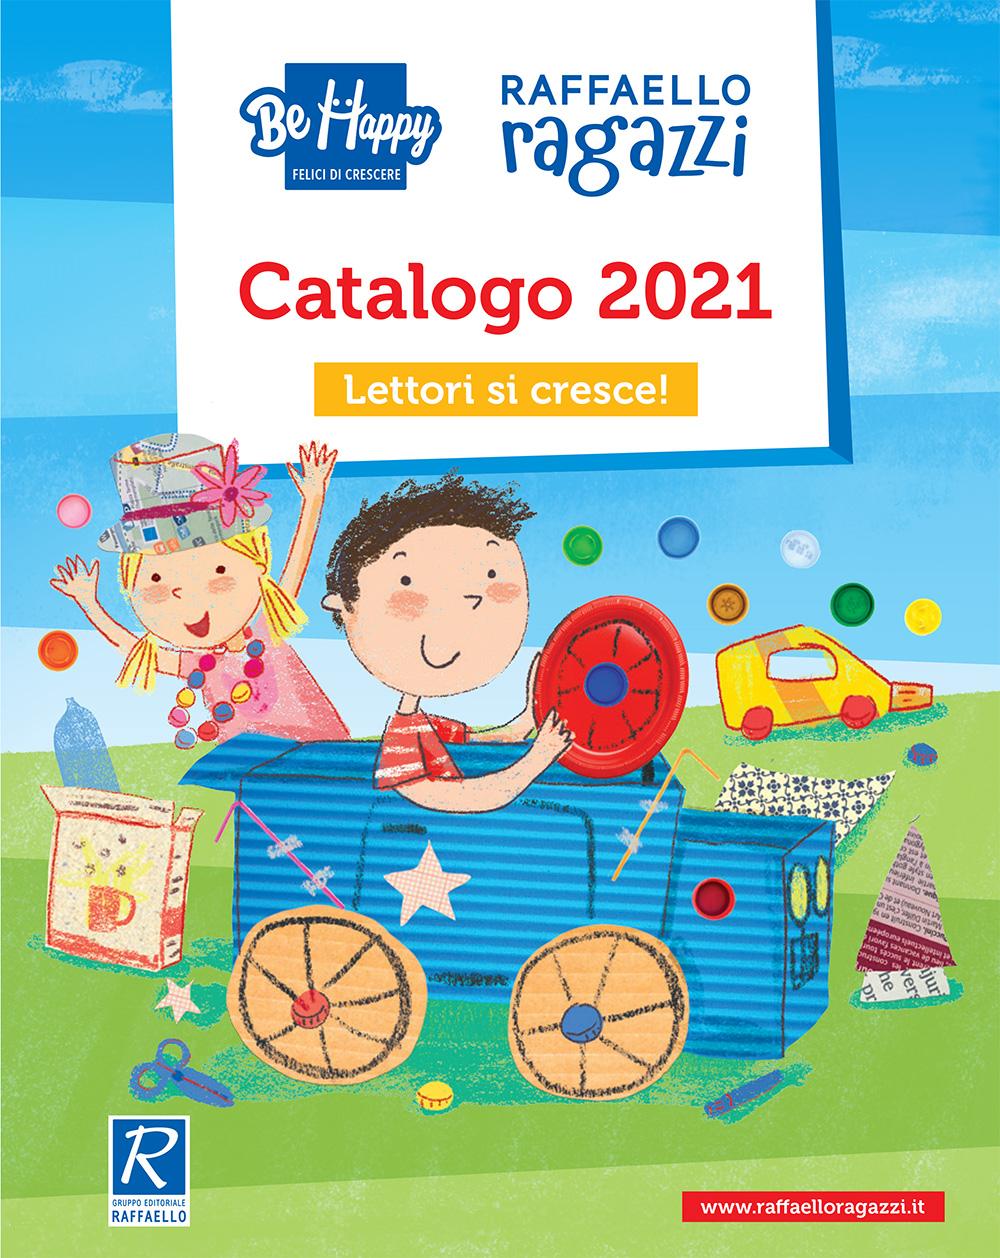 Narrativa per Librerie 2021 - Raffaello Ragazzi